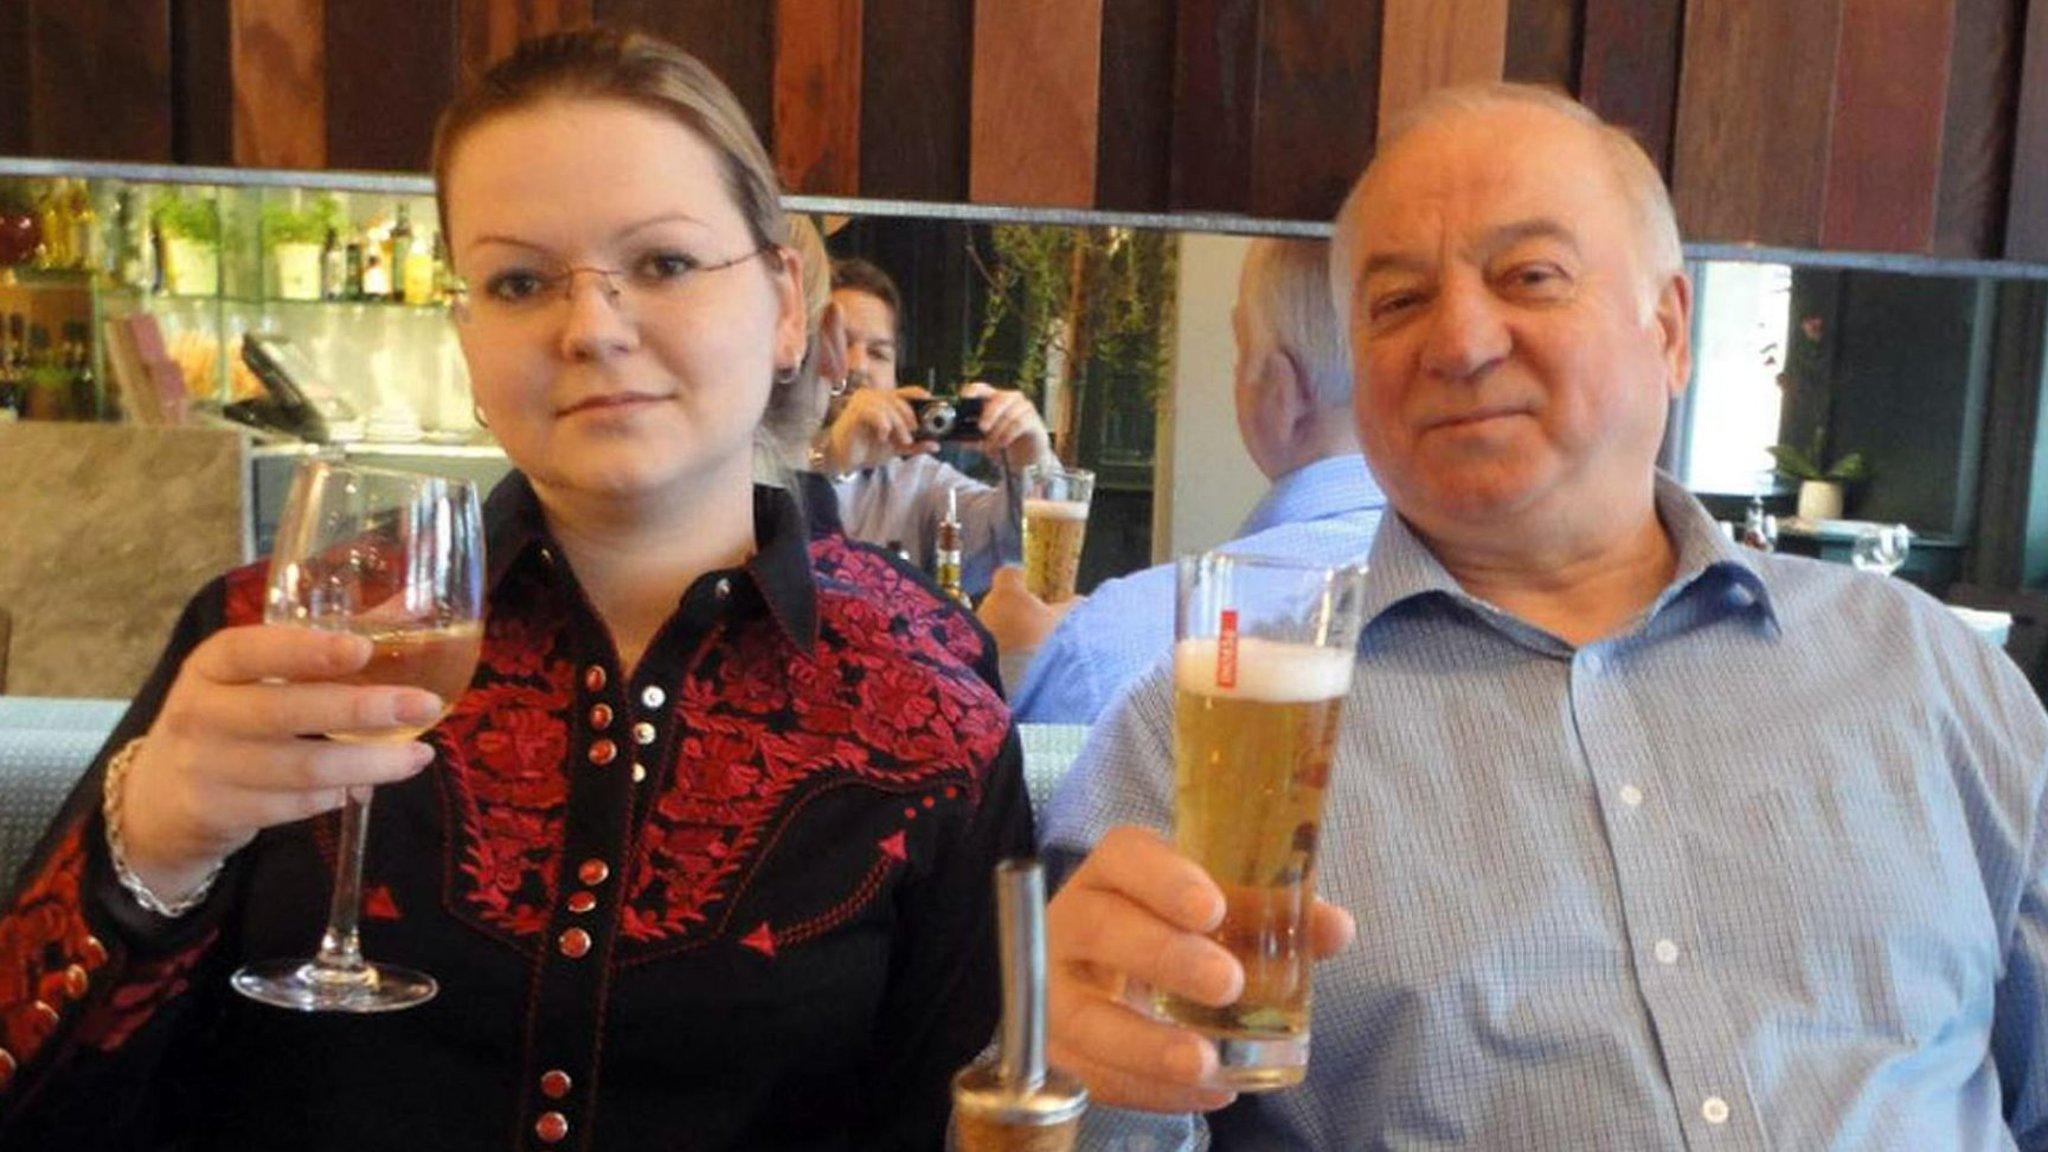 Ruský agent Skripal je spolu se svou dcerou Julií v oblasti terčem chemického útoku.